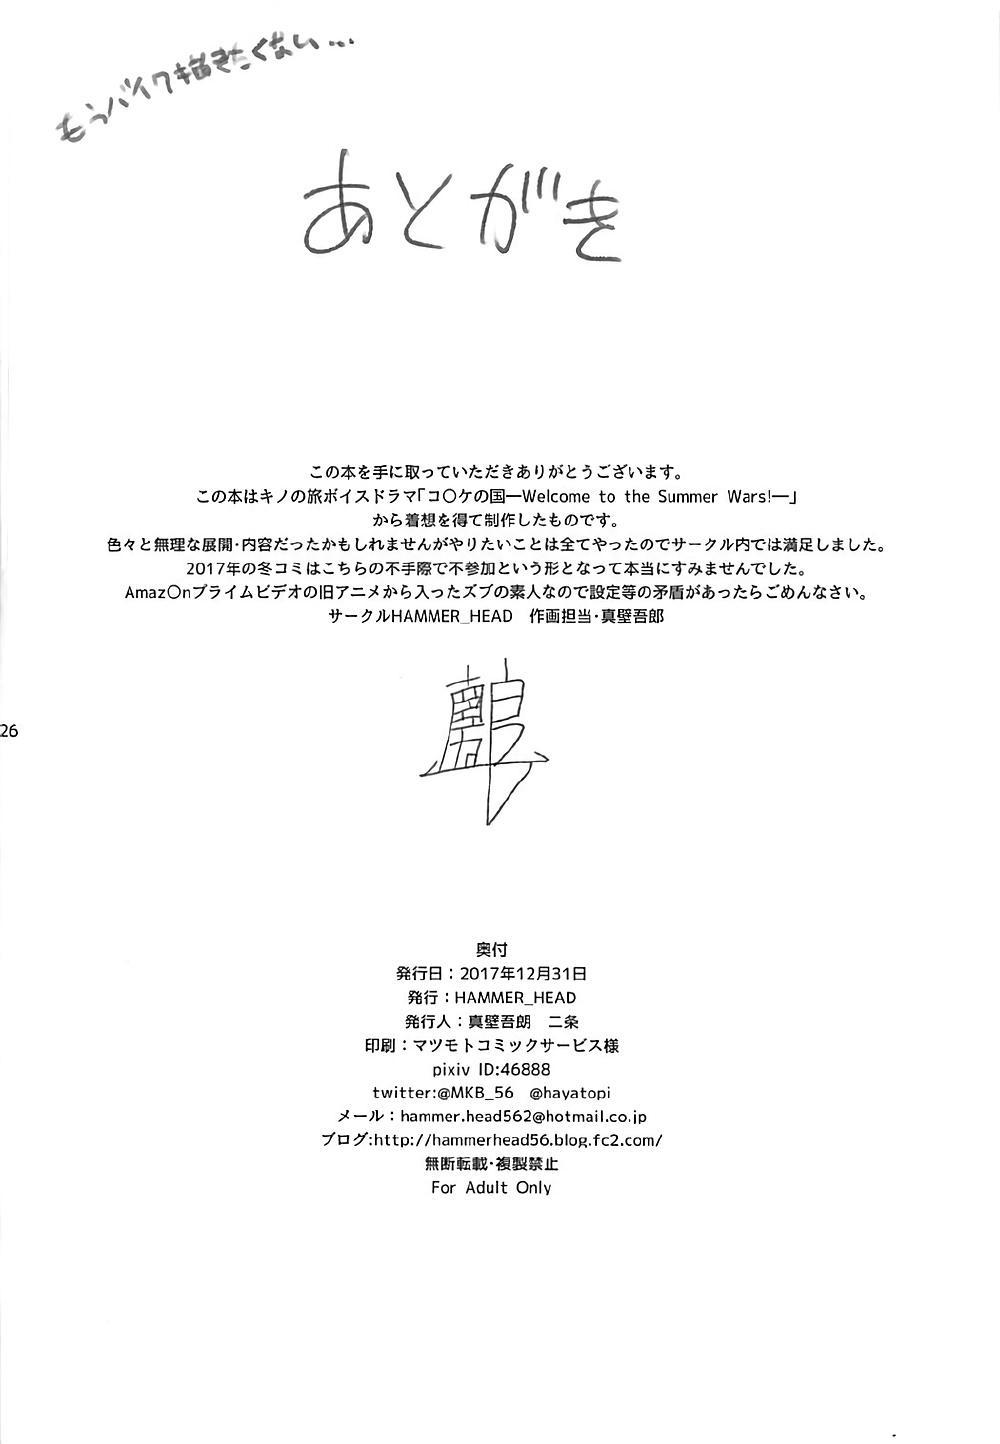 Doujinshi no Kuni 24